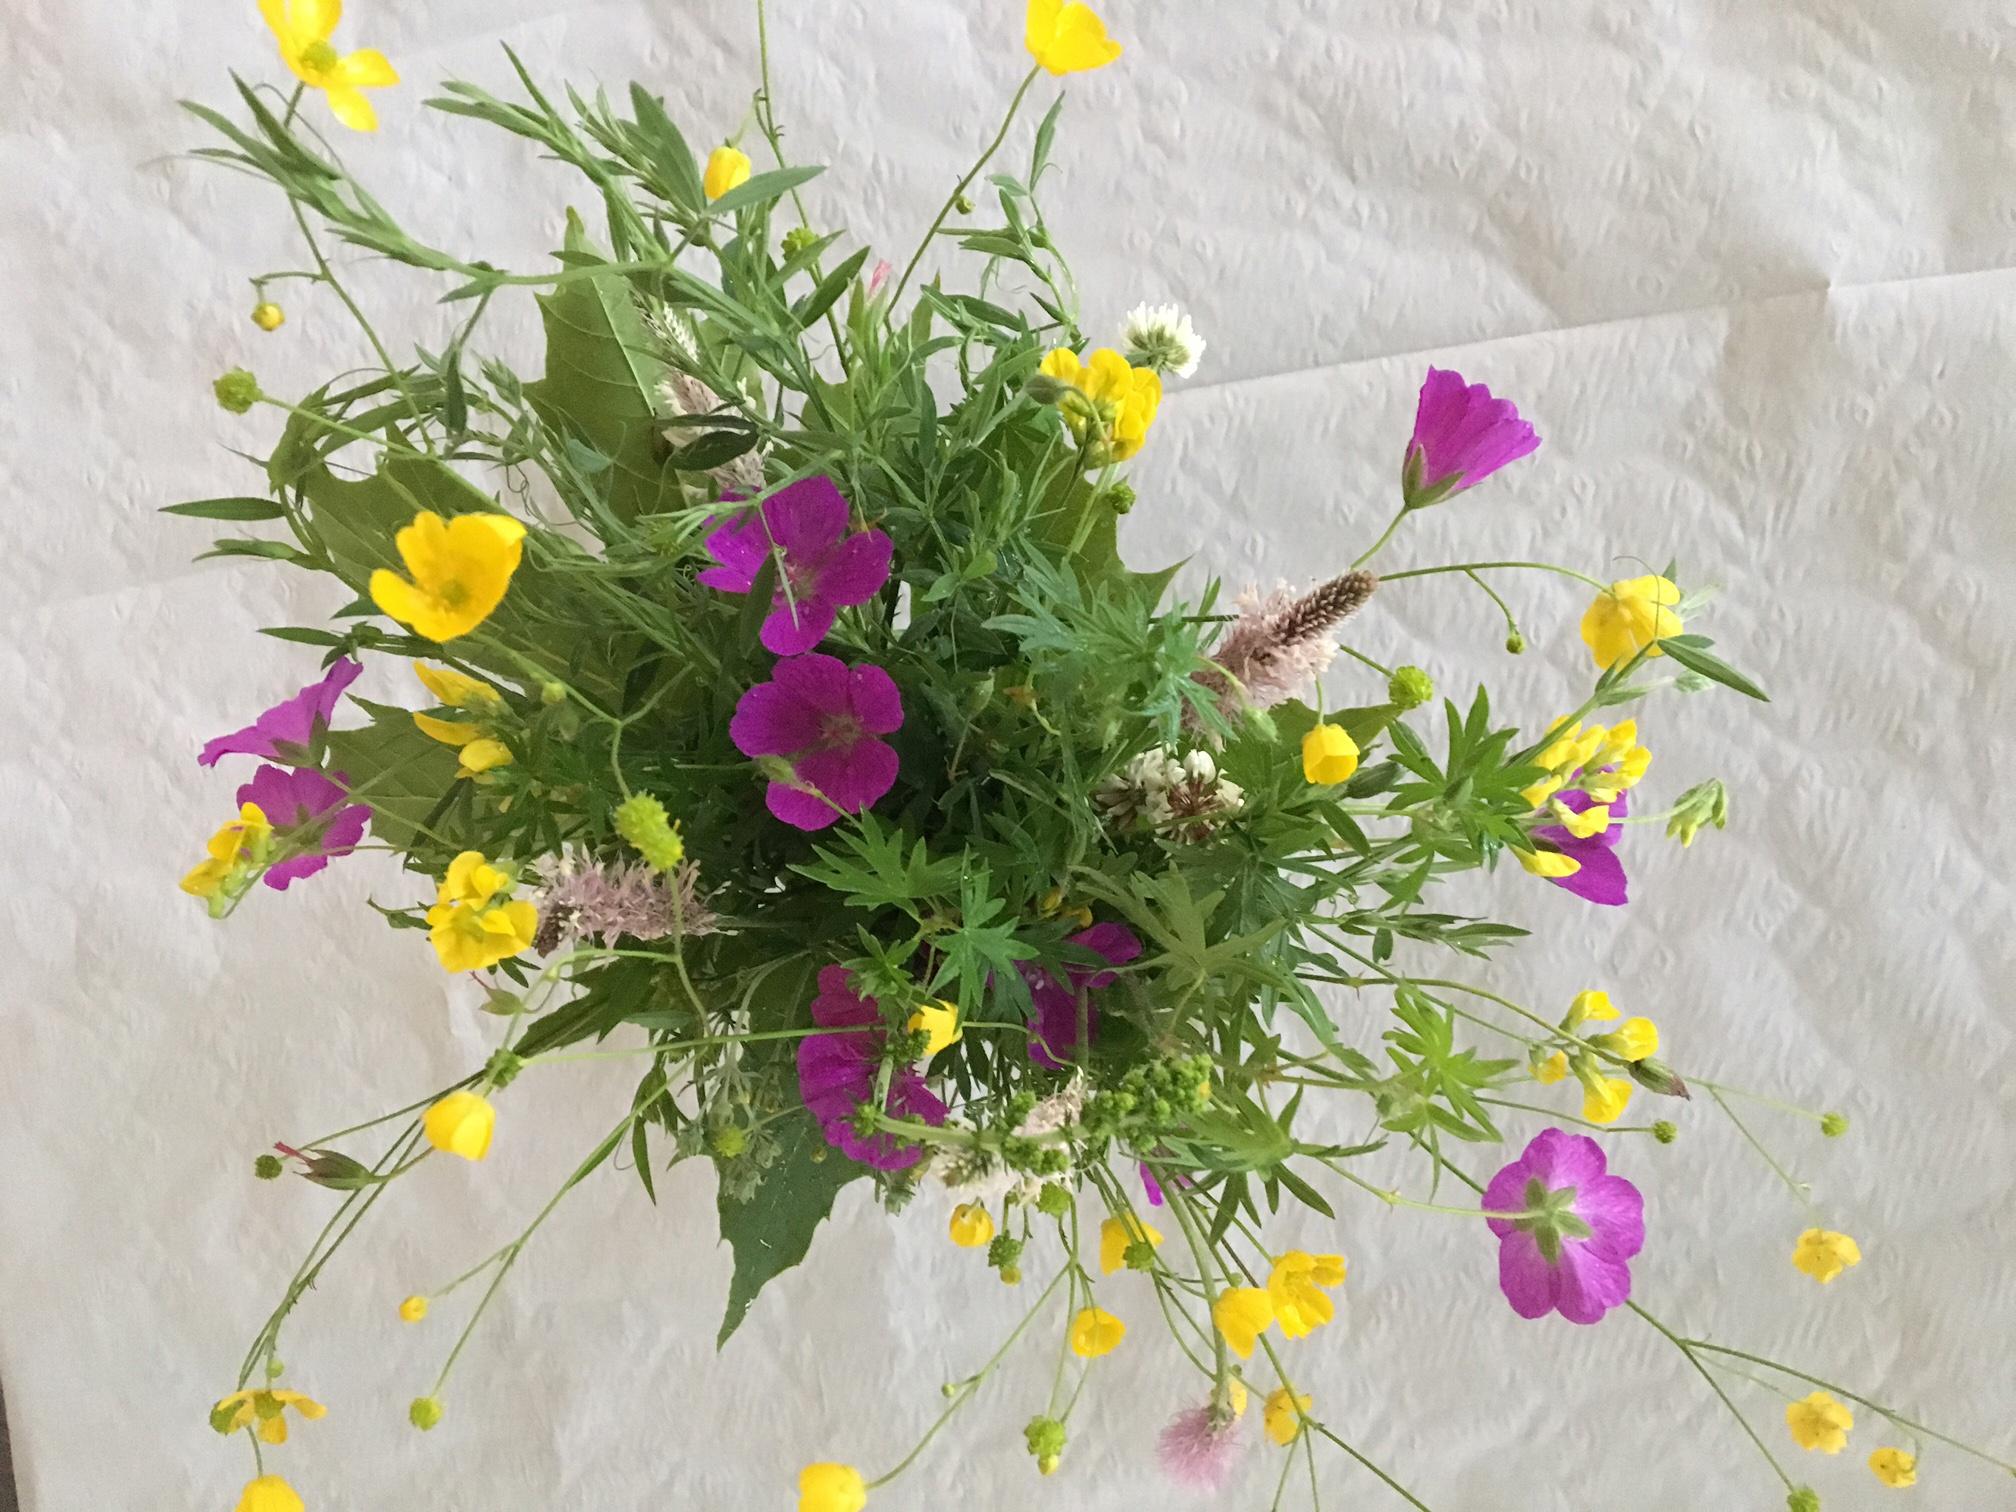 Blomster.JPG